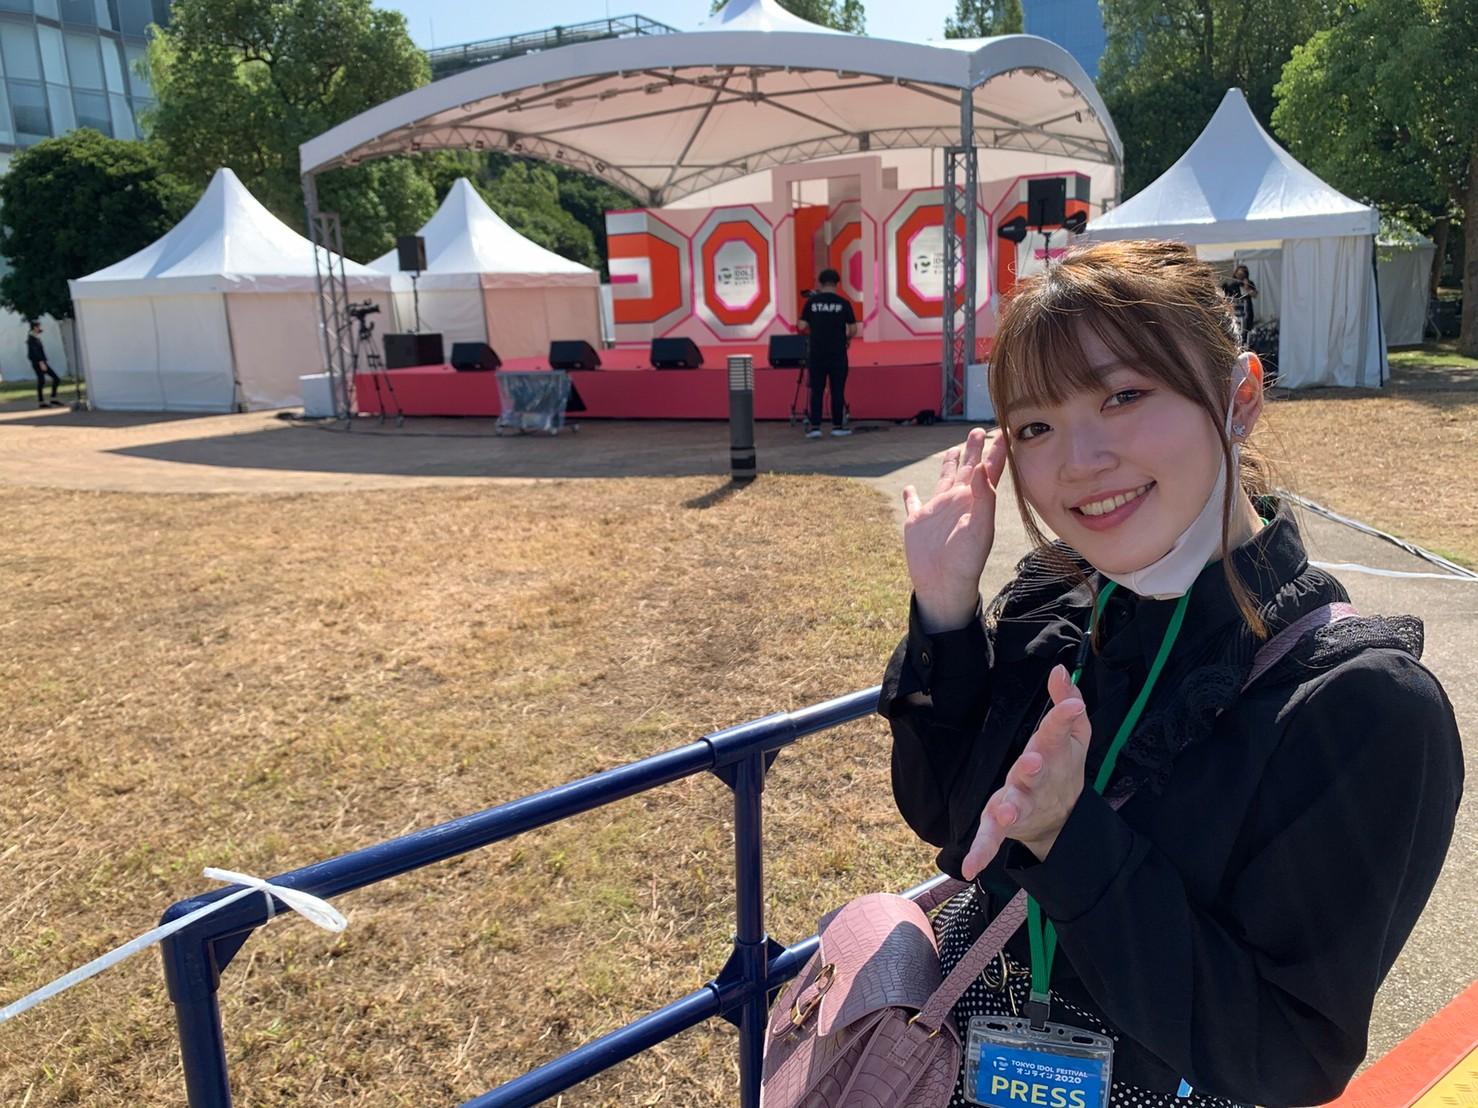 打矢萌絵/TOKYO IDOL FESTIVAL オンライン 2020/ACTRESS PRESS編集部(2020年10月2日)